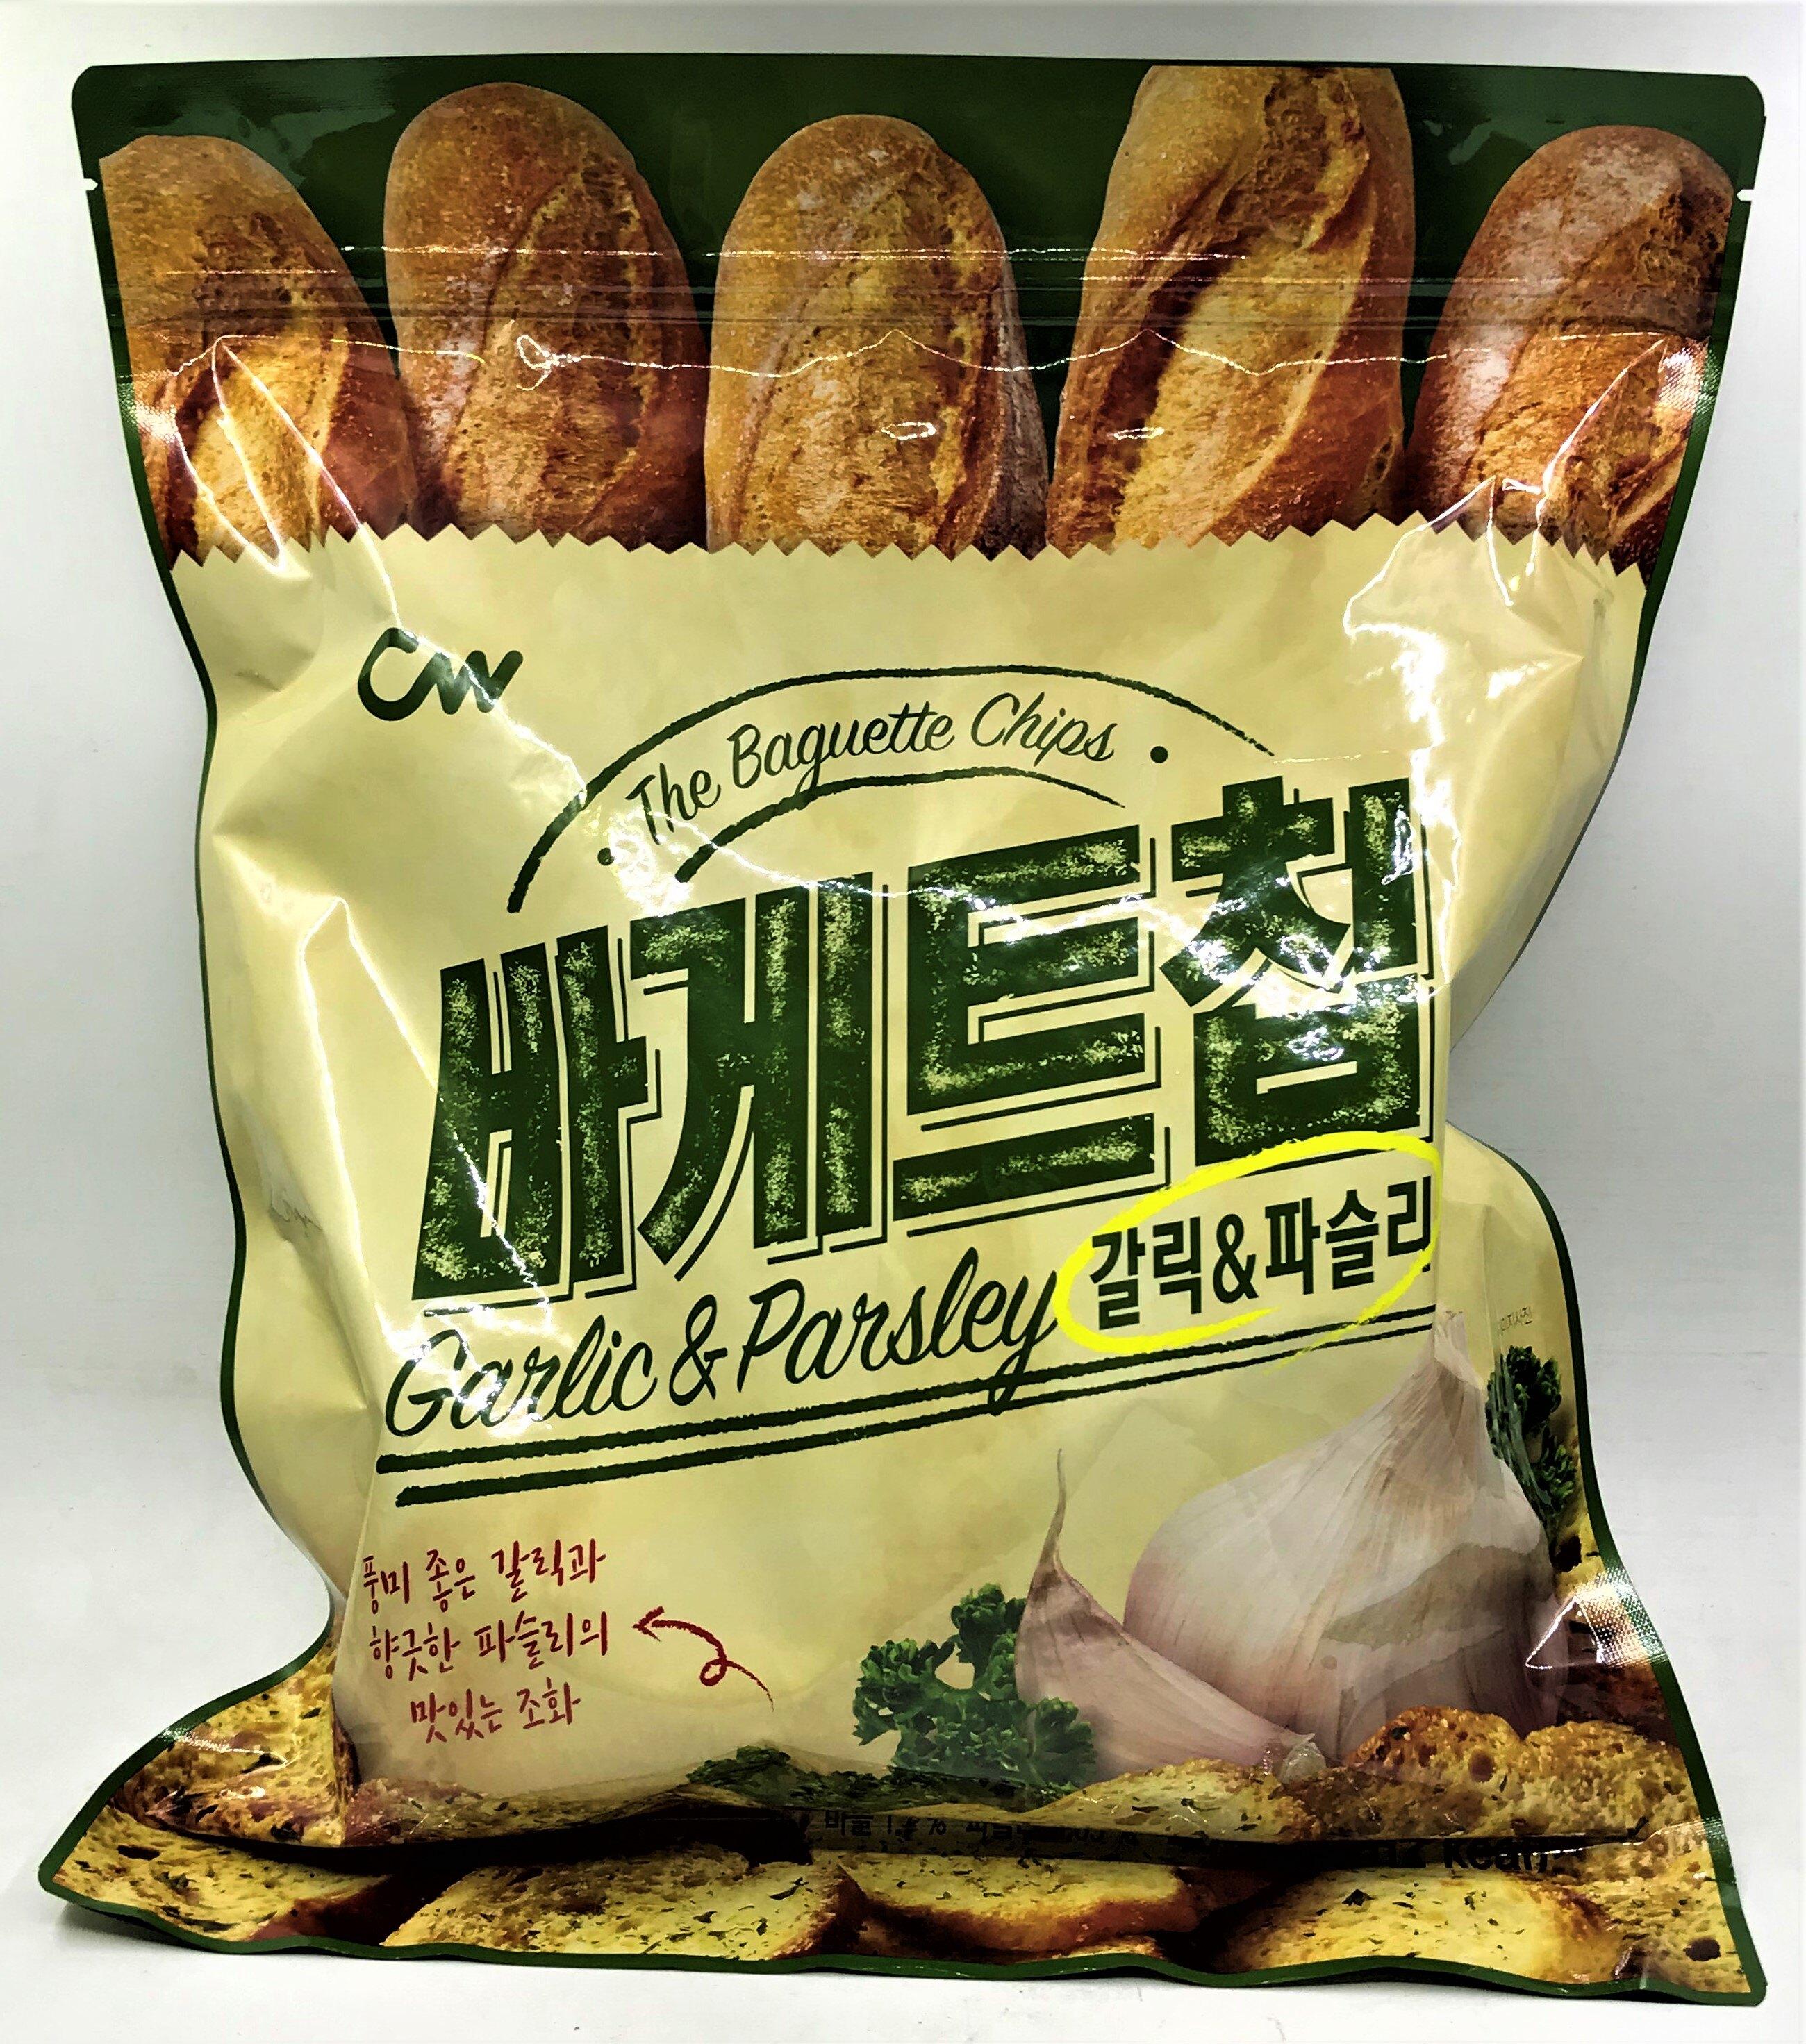 [哈日小丸子]韓國CW大蒜麵包餅乾(400g)